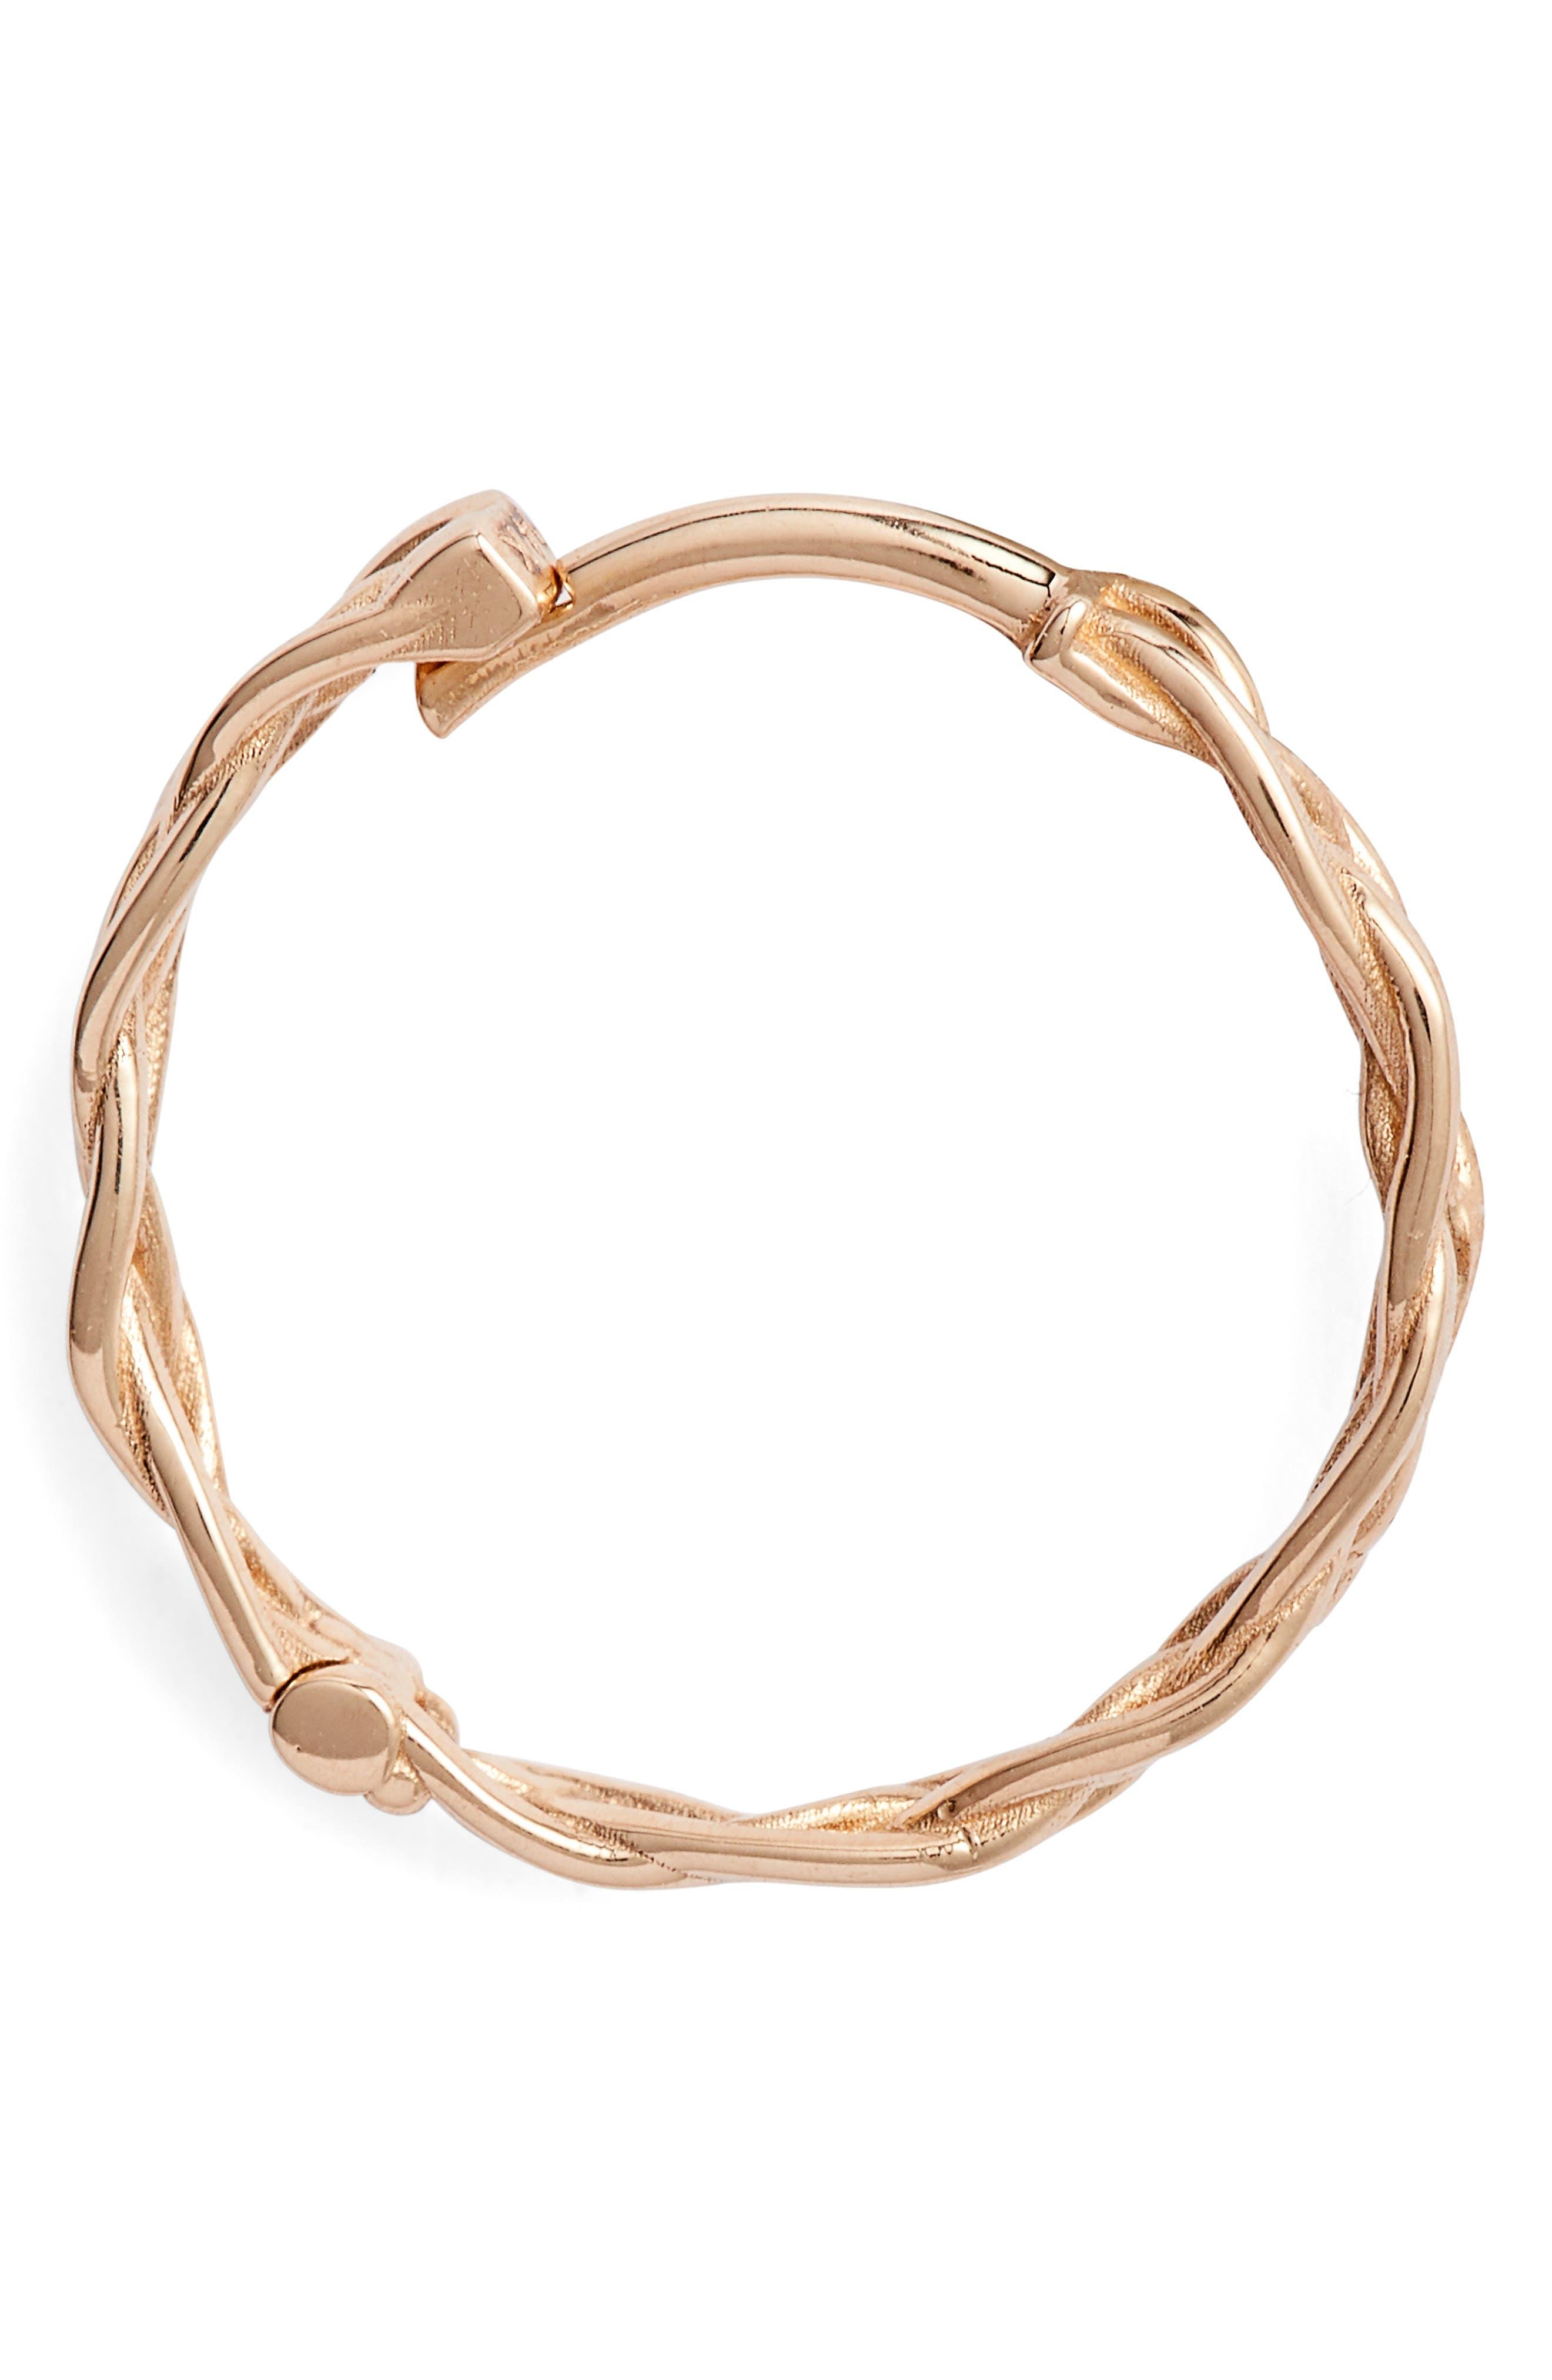 KISMET BY MILKA, Large Braided Hoop Earrings, Alternate thumbnail 4, color, ROSE GOLD